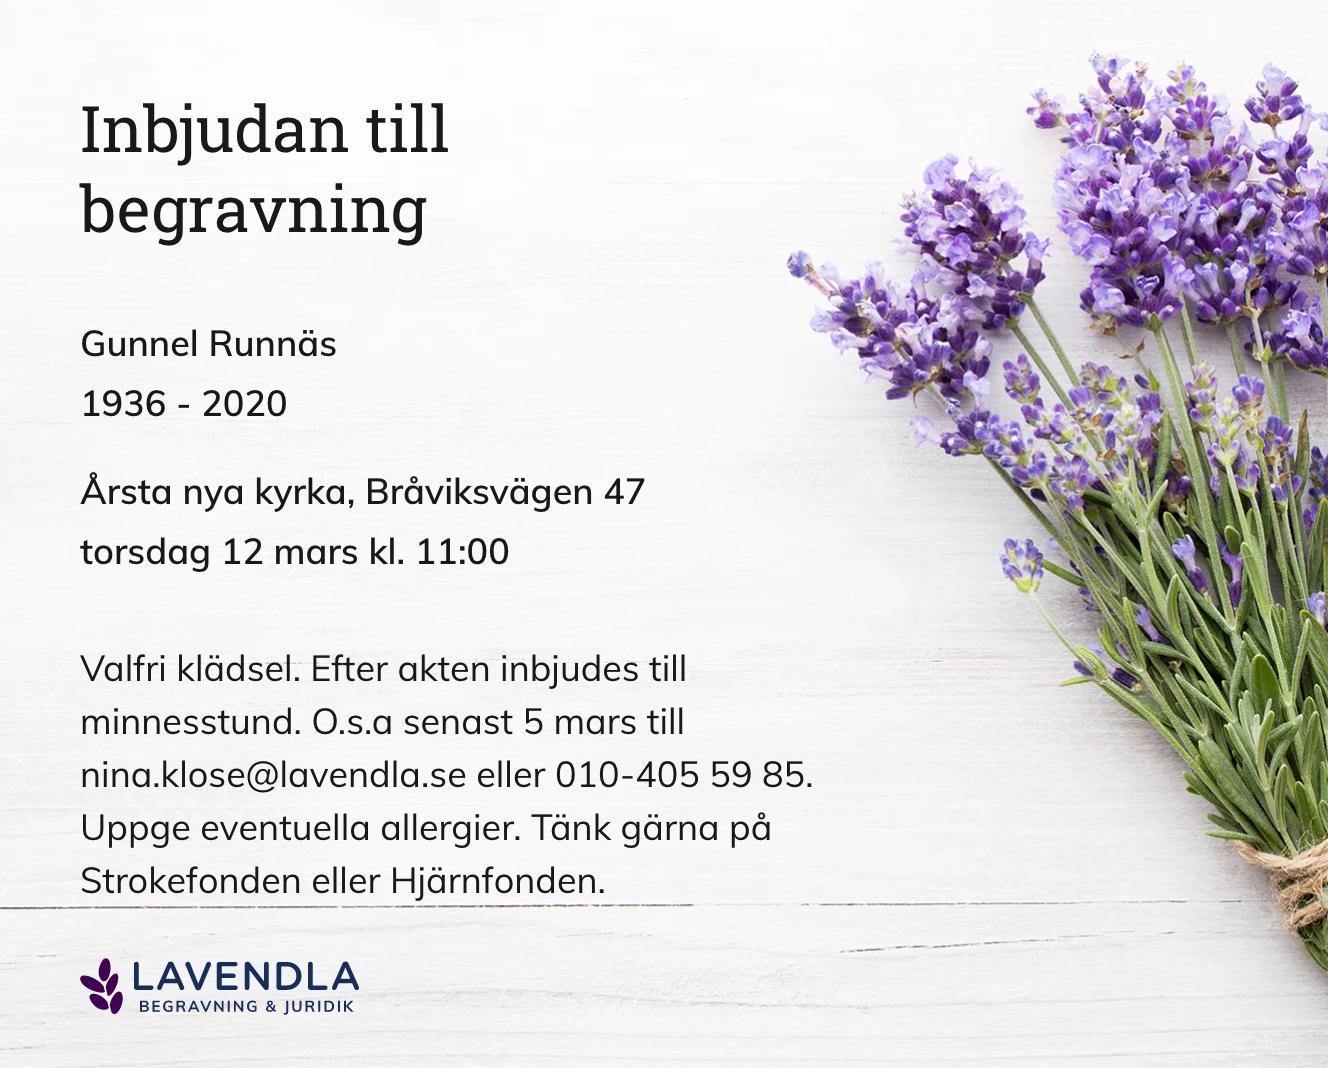 Inbjudningskort till ceremonin för Gunnel Runnäs